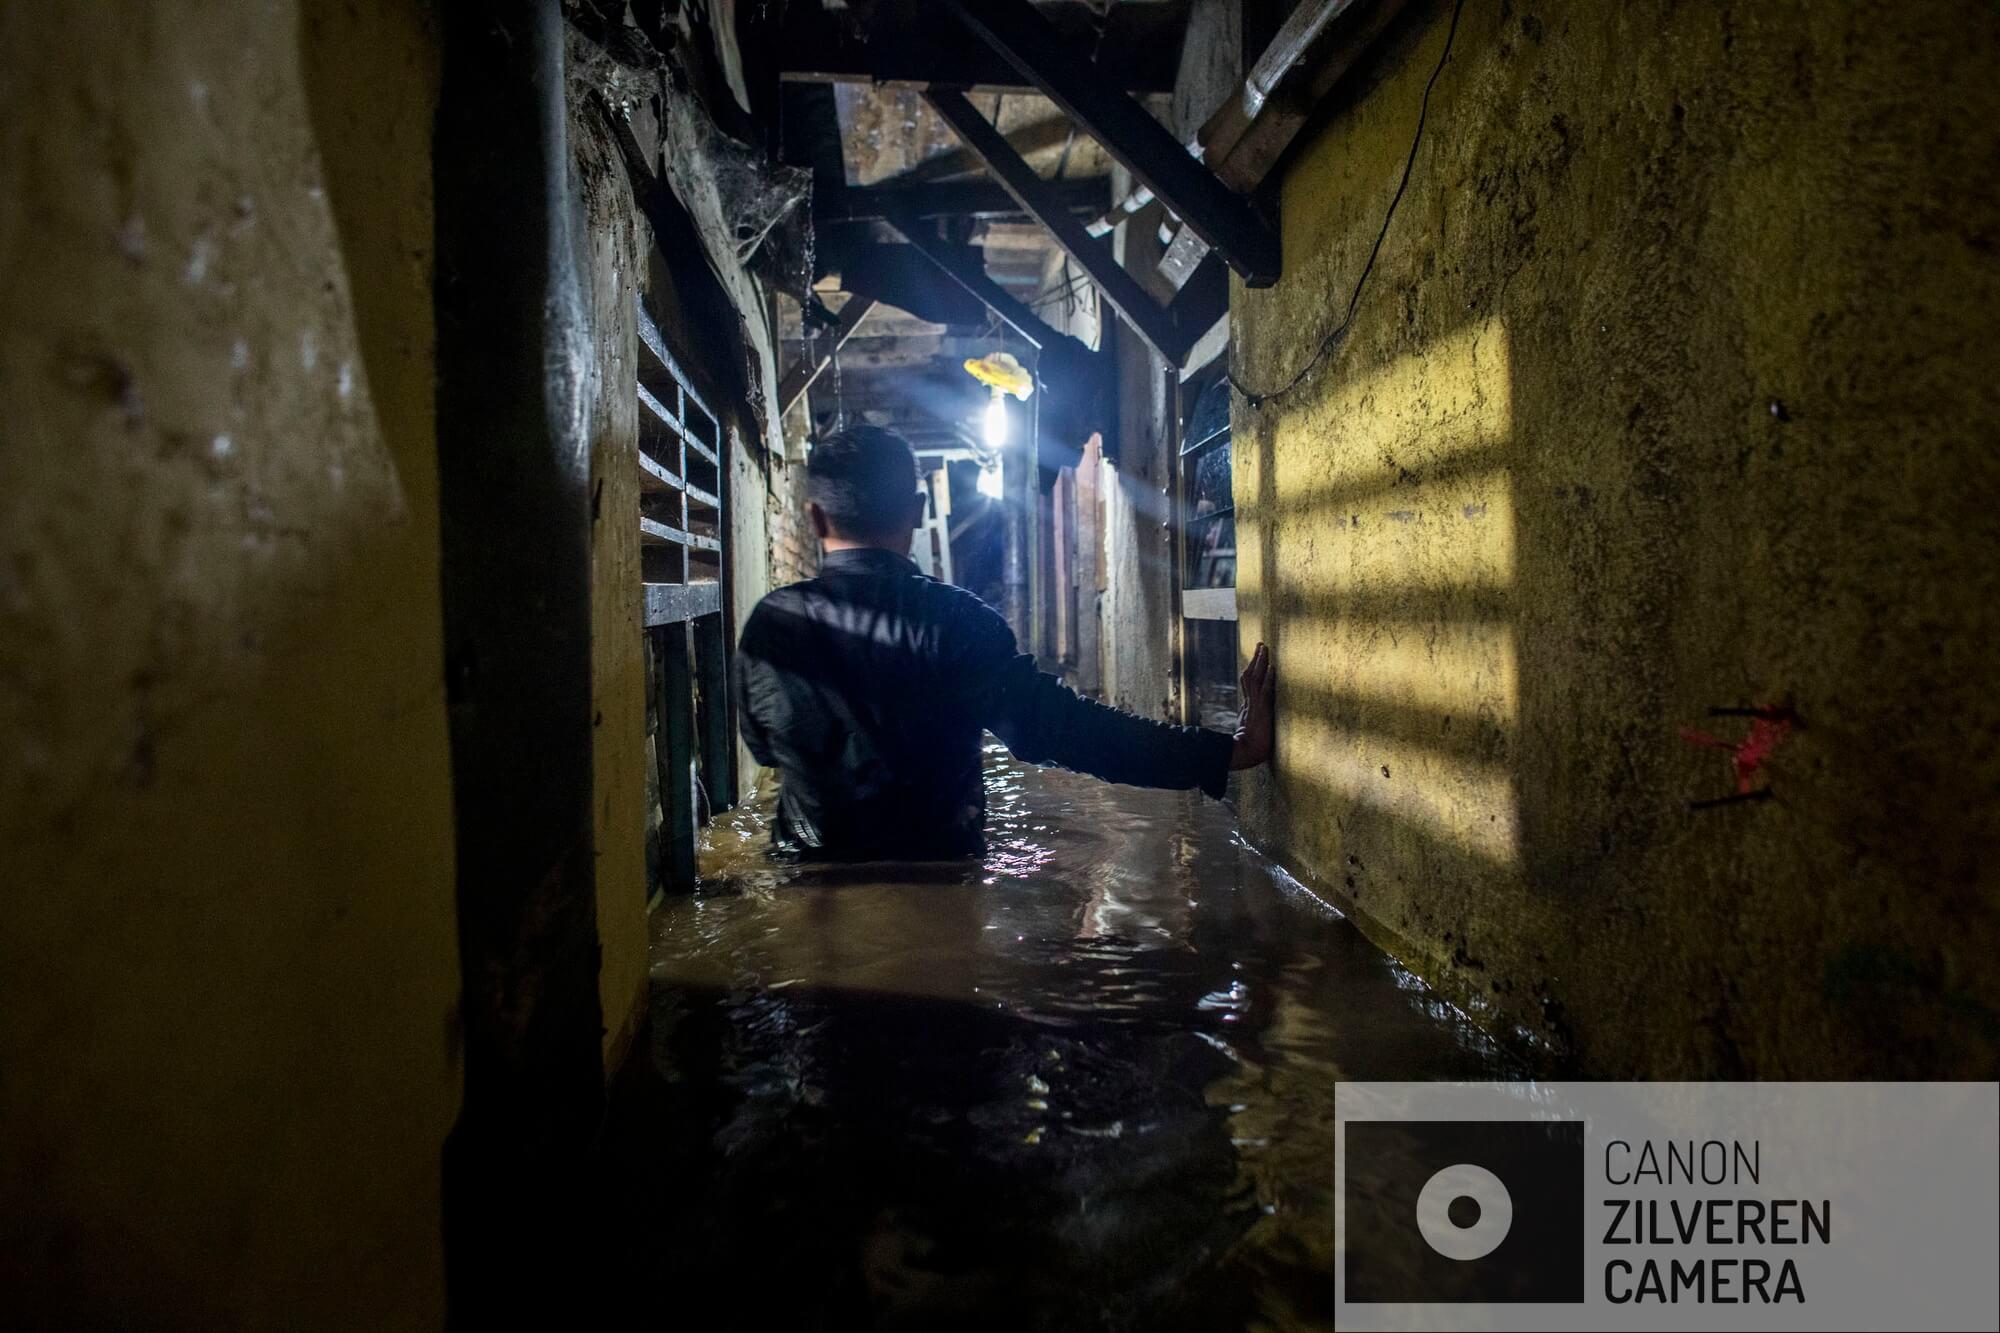 Jakarta zinkt snel, tussen 10-25 centimeter per jaar. Wanneer niets wordt gedaan zal de stad over 20-3- jaar voor een derde permanent onder water staan. Veel water gerelateerde problemen worden toegeschreven aan klimaatverandering en de verwachte zeespiegelstijging die daarmee samenhangt. Bodemdaling is onbekend en zal de absolute zeespiegelstijging tot een factor 10 overschrijden. Jakarta vertrouwd op een oude zeewering om de stad te beschermen tegen zee. Echter door bodemdaling zinkt deze muur snel weg in de grond en biedt weinig bescherming tegen het water. Zware regenval en een hoge rivierwater stand zorgen nu al voor problemen: de stad is veranderd in een omgekeerd aquarium. De zee is niet meer het laagste punt, het water kan nergens meer heen.Illegaal gebouwde huizen op de oevers van de Ciliwung overstromen. In de regentijd overstroomt de rivier regelmatig. De wijken staan 1.5 meter onder water en bewoners moeten gedwongen hun huizen te verlaten. Serie gemaakt tussen 2015 en 2018